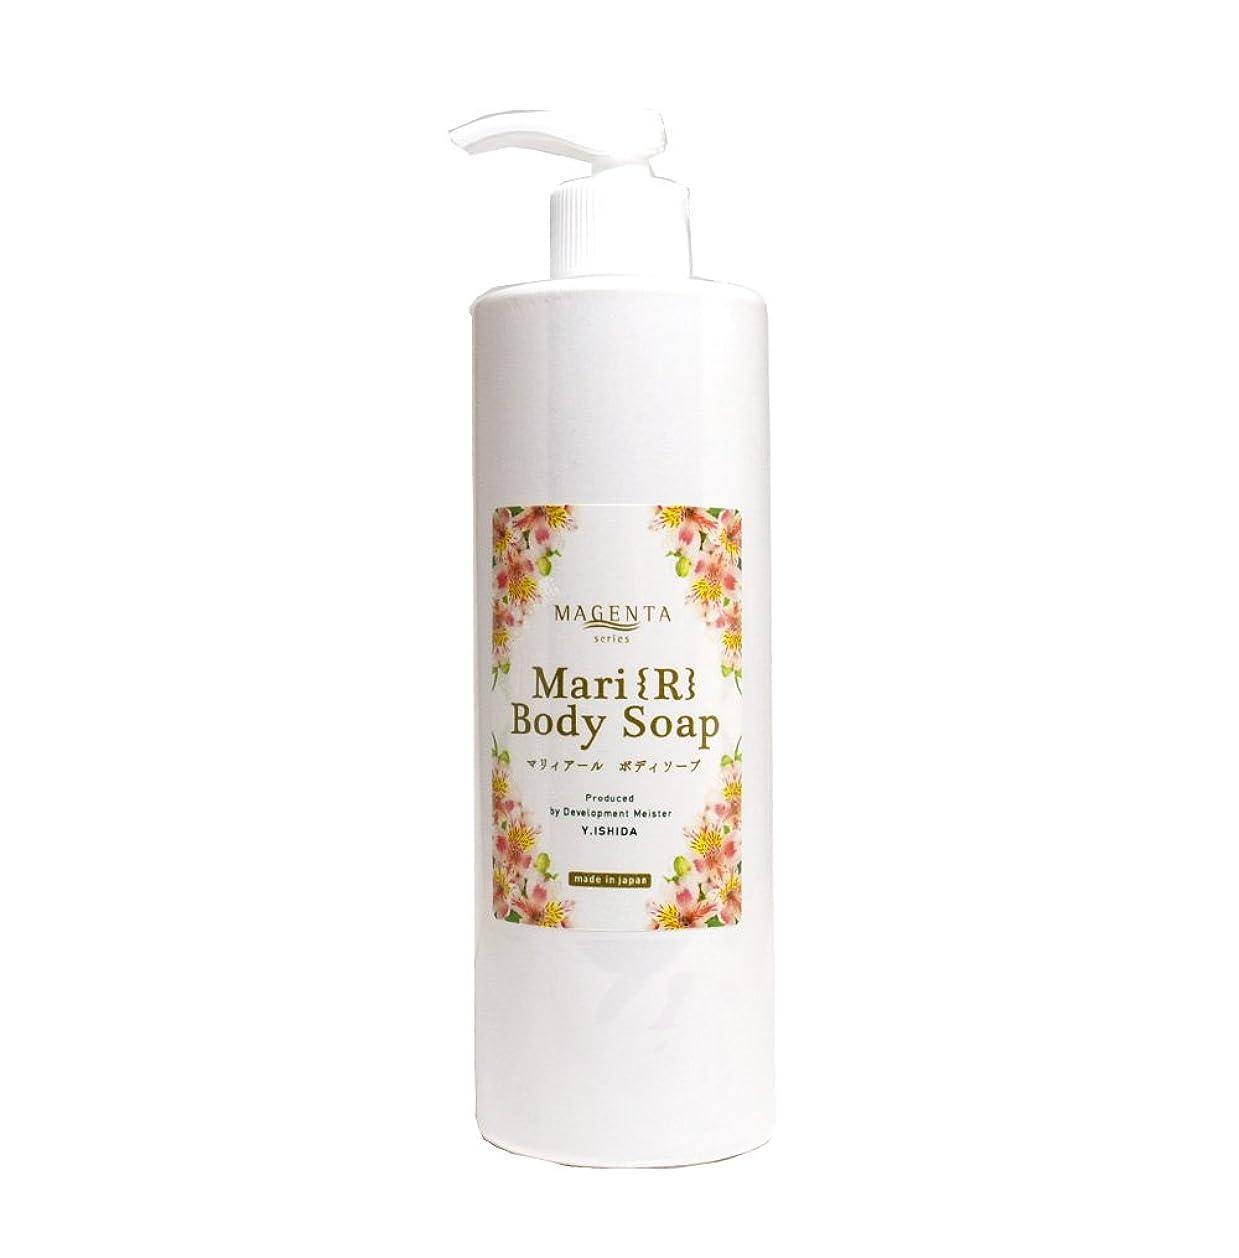 を通してオプショナル発音MAGENTA Mari R Body Soap 400ml マジェンタ マリイアール ボディソープ 日本製